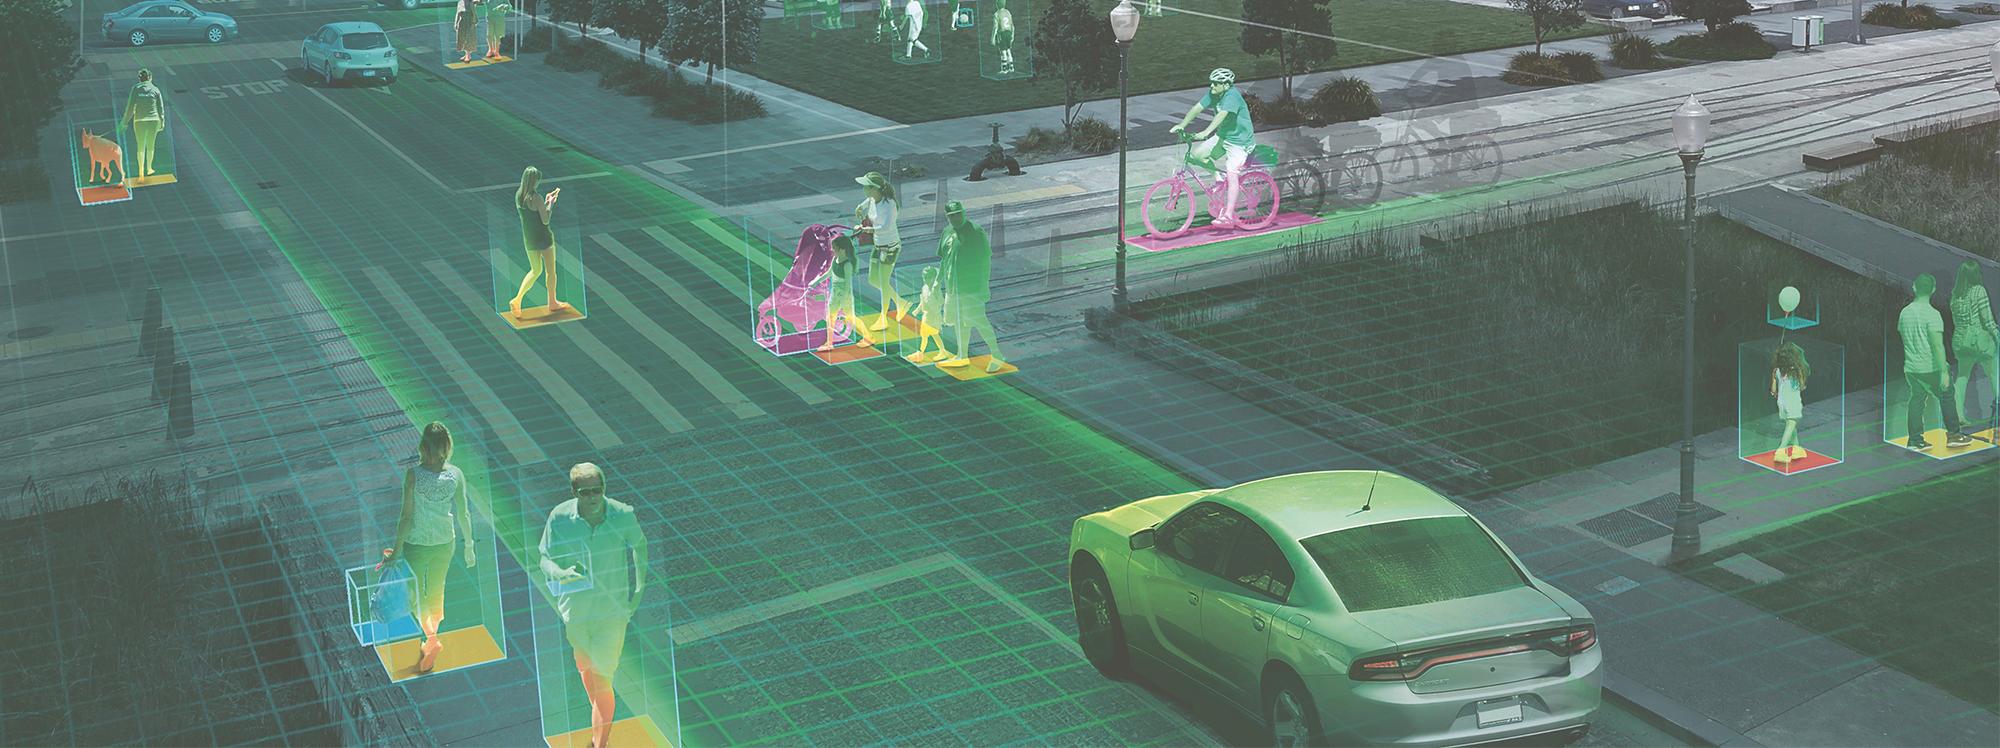 Conducción autónoma e Inteligencia Artificial se conectan